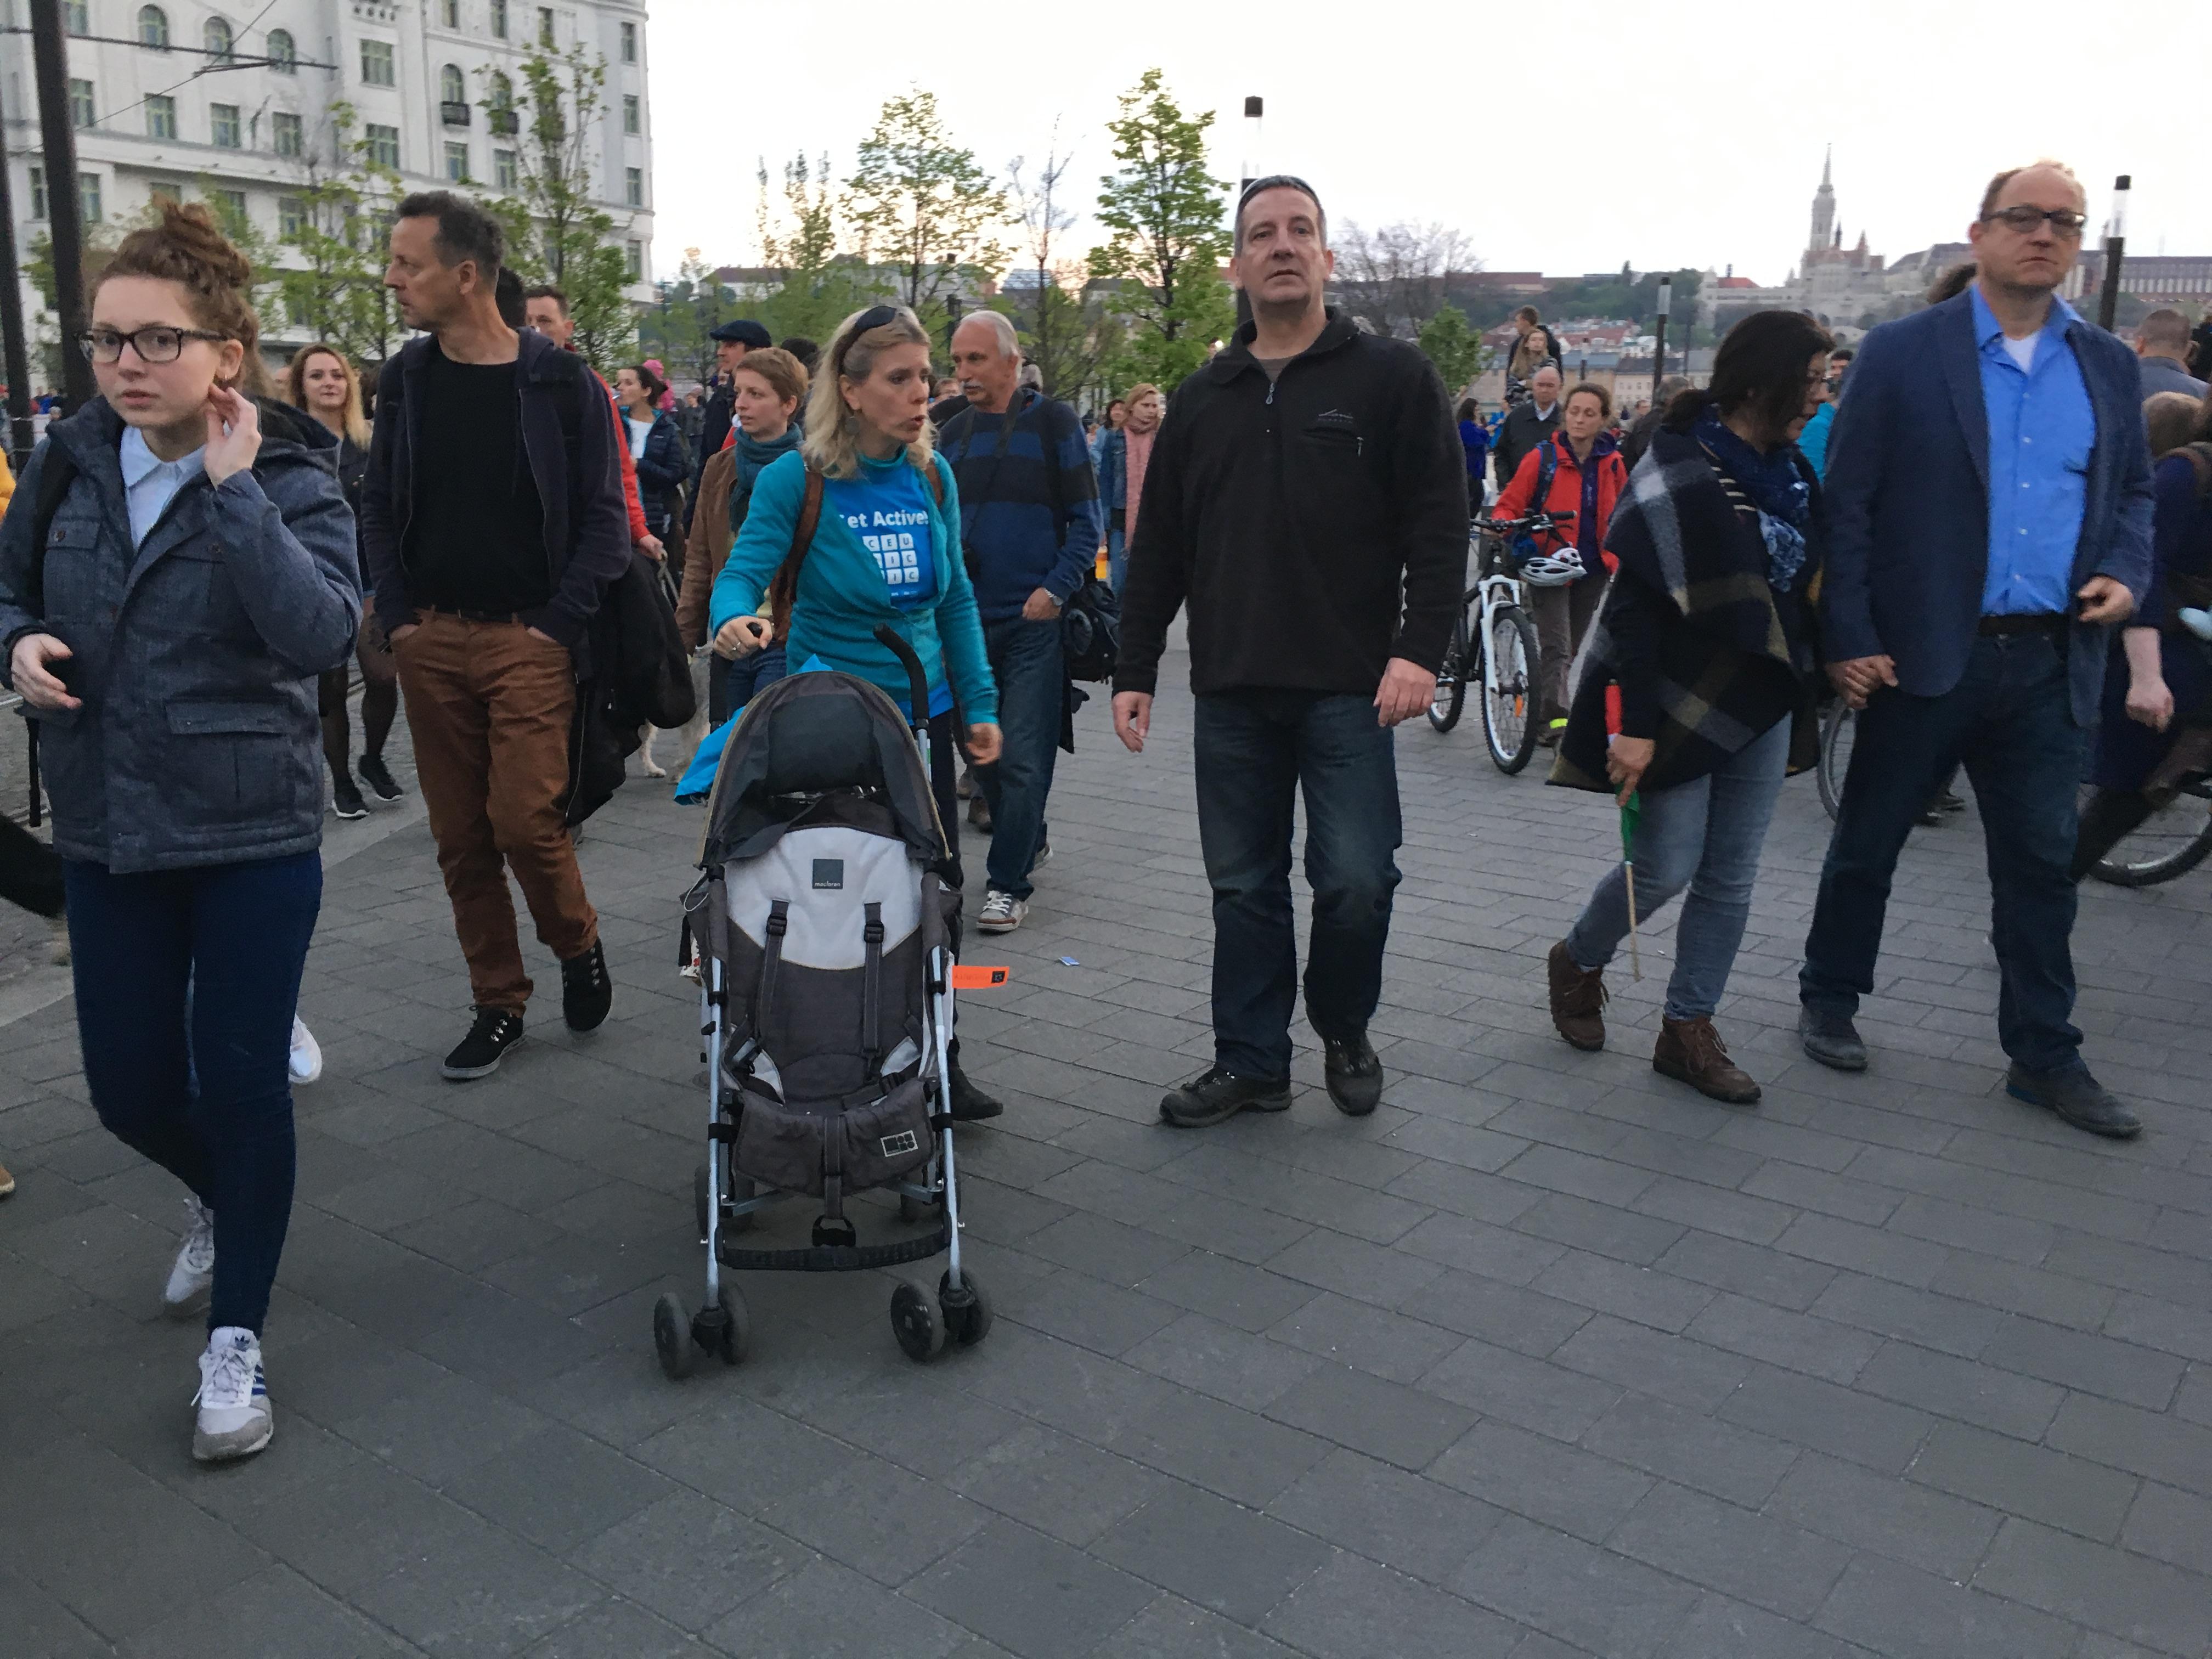 Ürge-Vorsatz Diána is kiment a CEU melletti tüntetésre